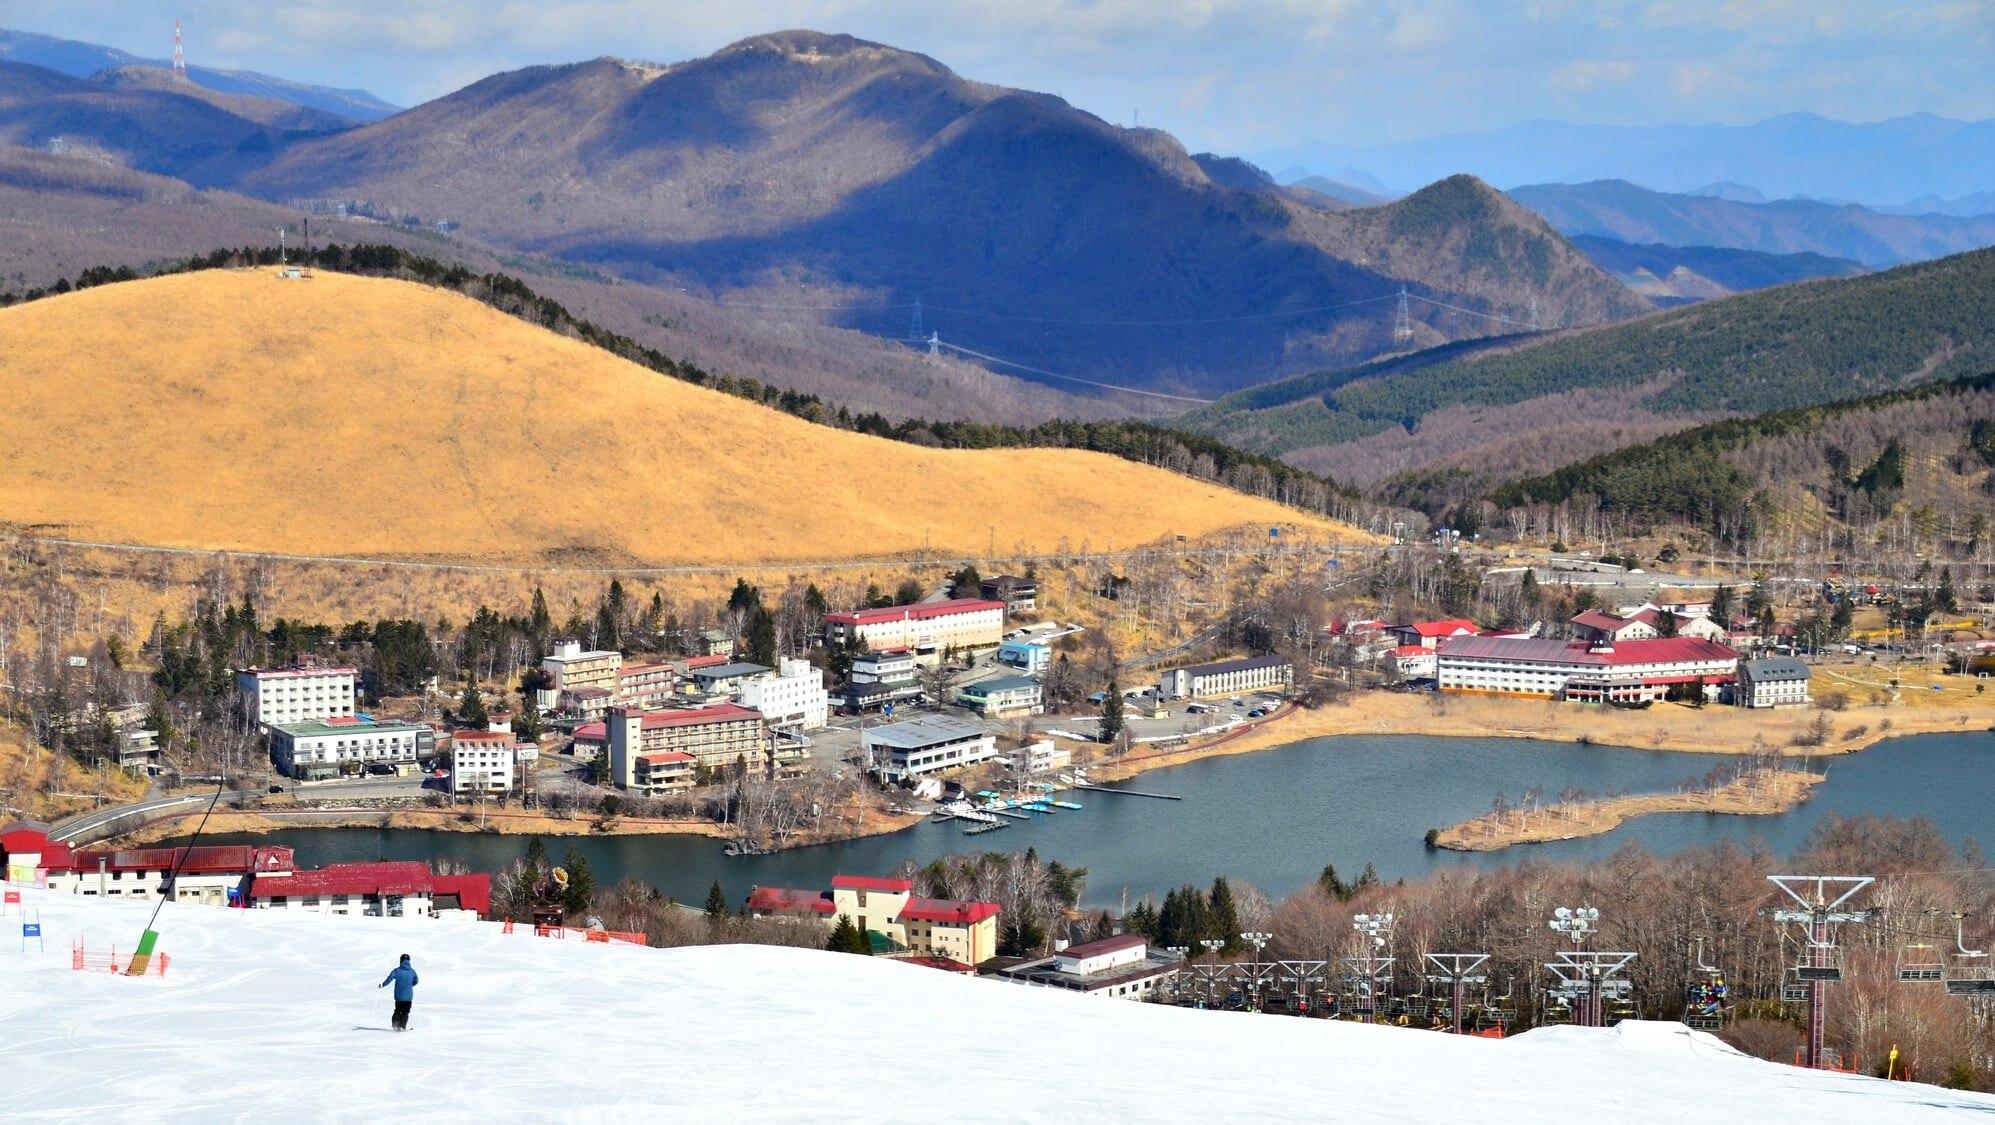 長野県茅野市のおすすめホテル 蓼科 白樺湖 八ヶ岳がある高原